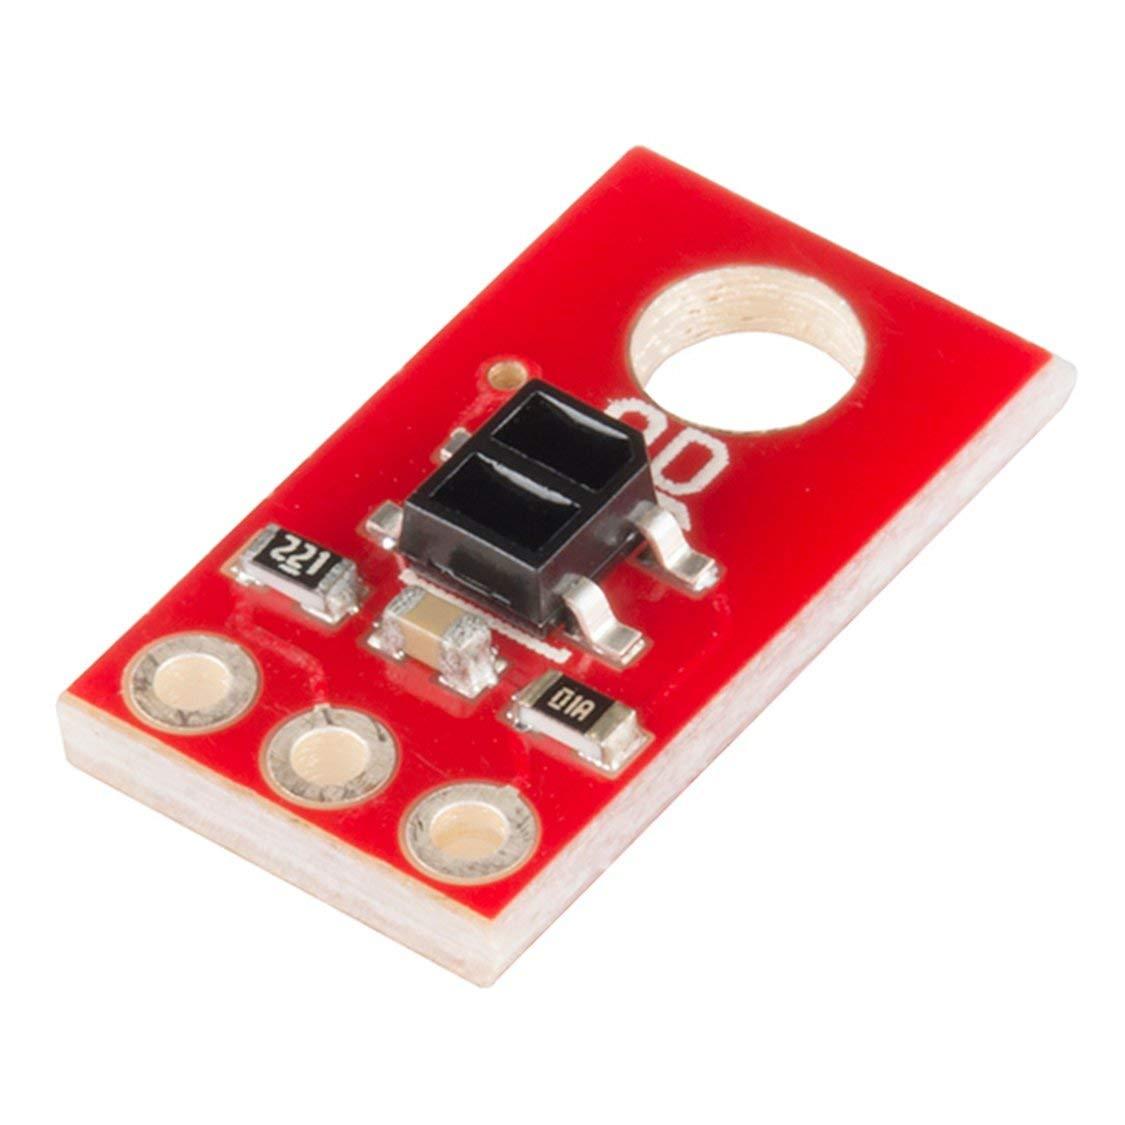 QRE1113 Desglose de l/ínea lineal Sensor reflectante infrarrojo IR Salida del m/ódulo digital con orificio de montaje Desglose del sensor de l/ínea